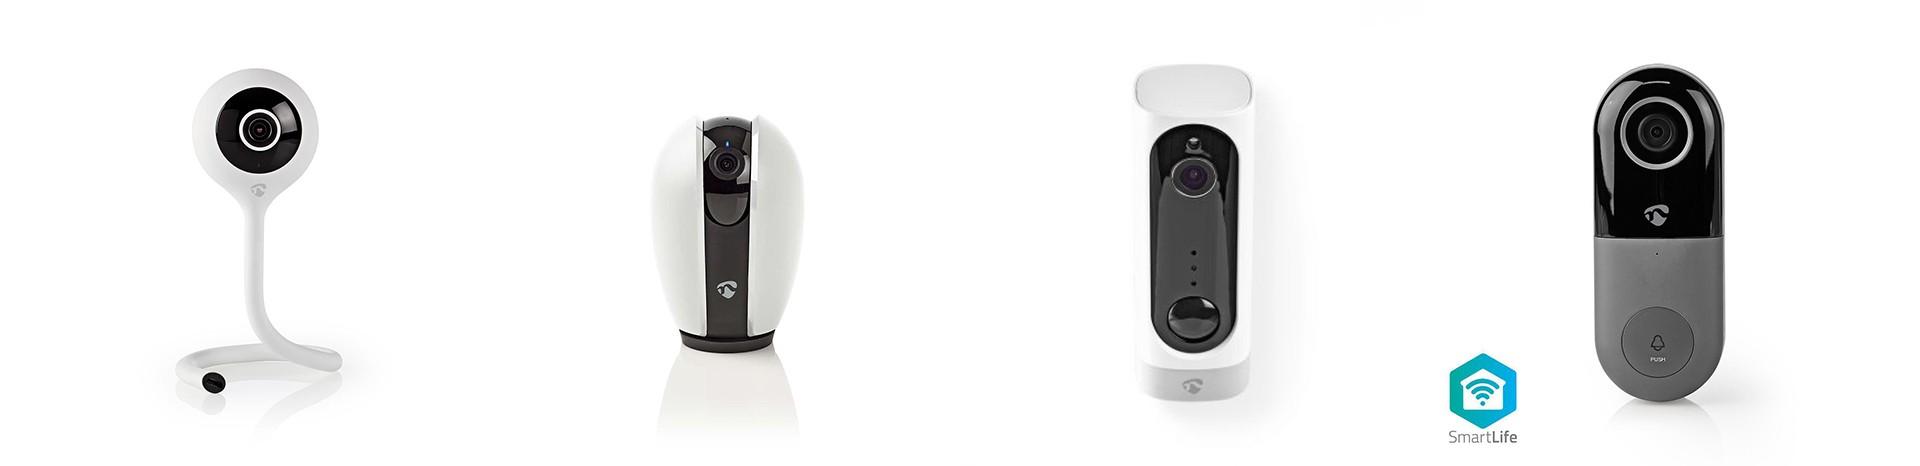 Beveiligingscamera's bij Onlinekabelshop.nl